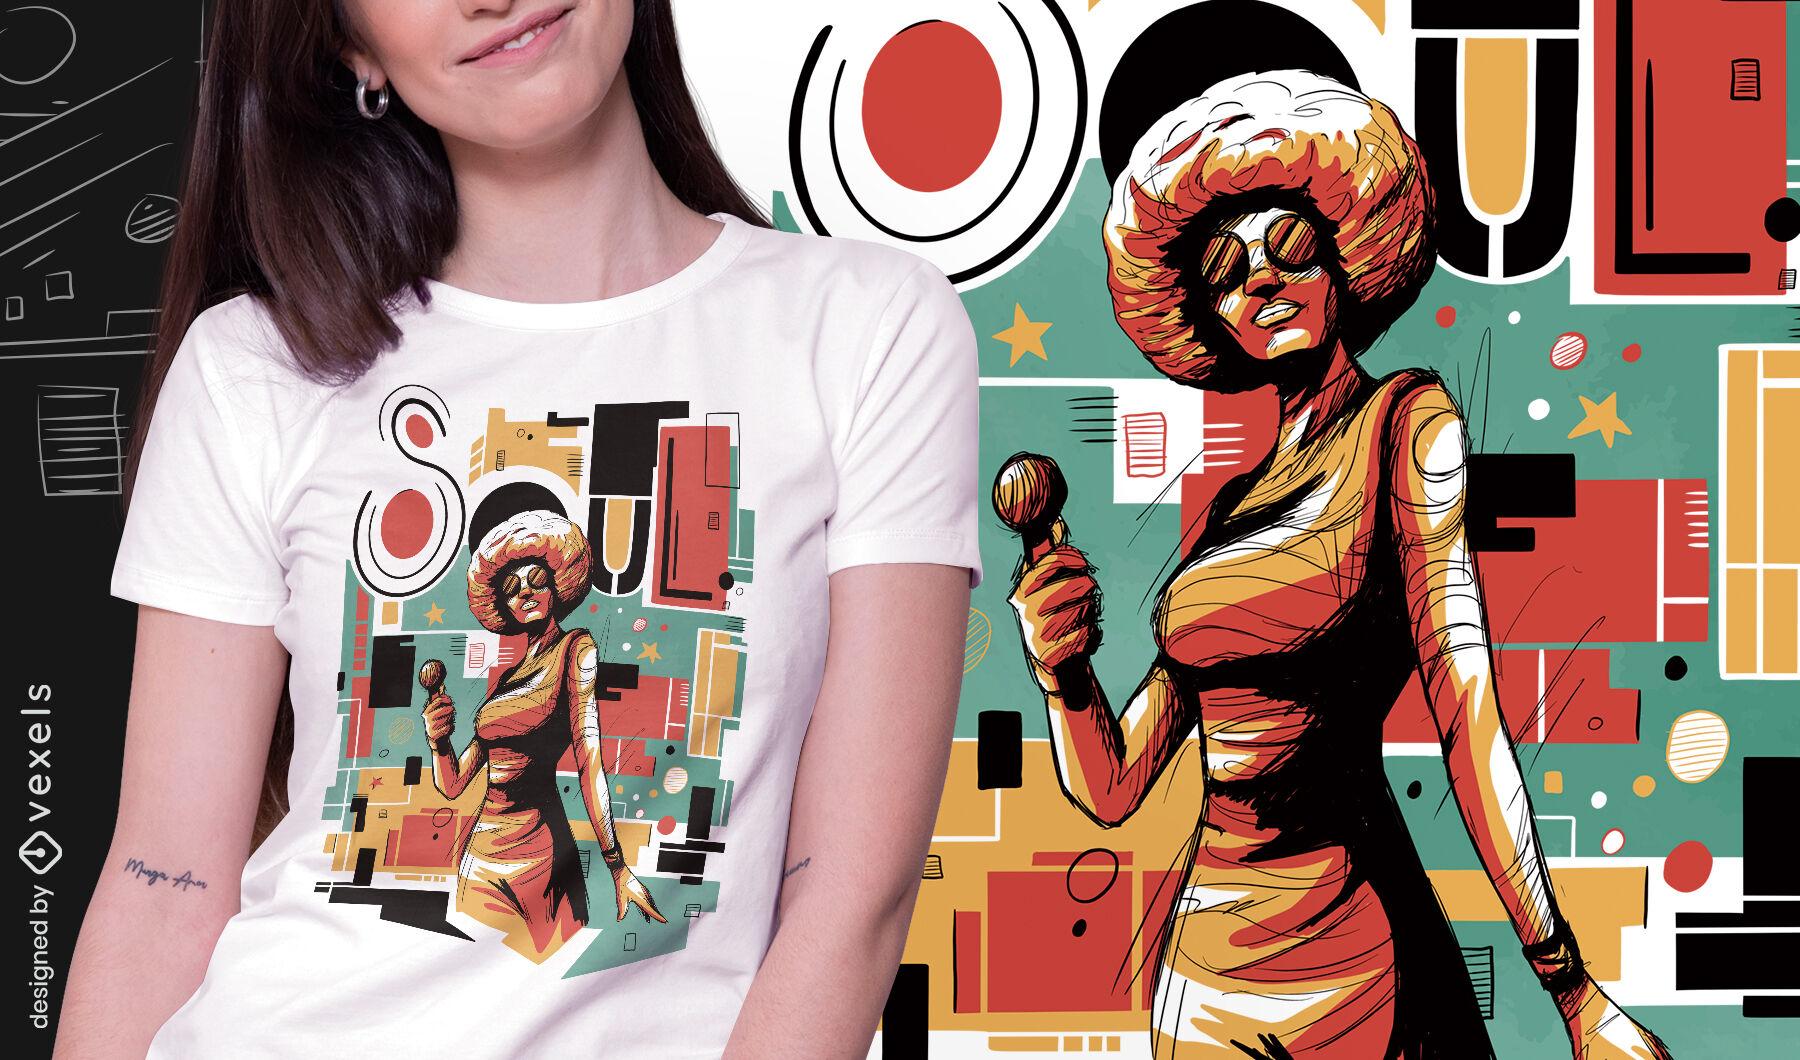 Camiseta psd abstracta de soul musician